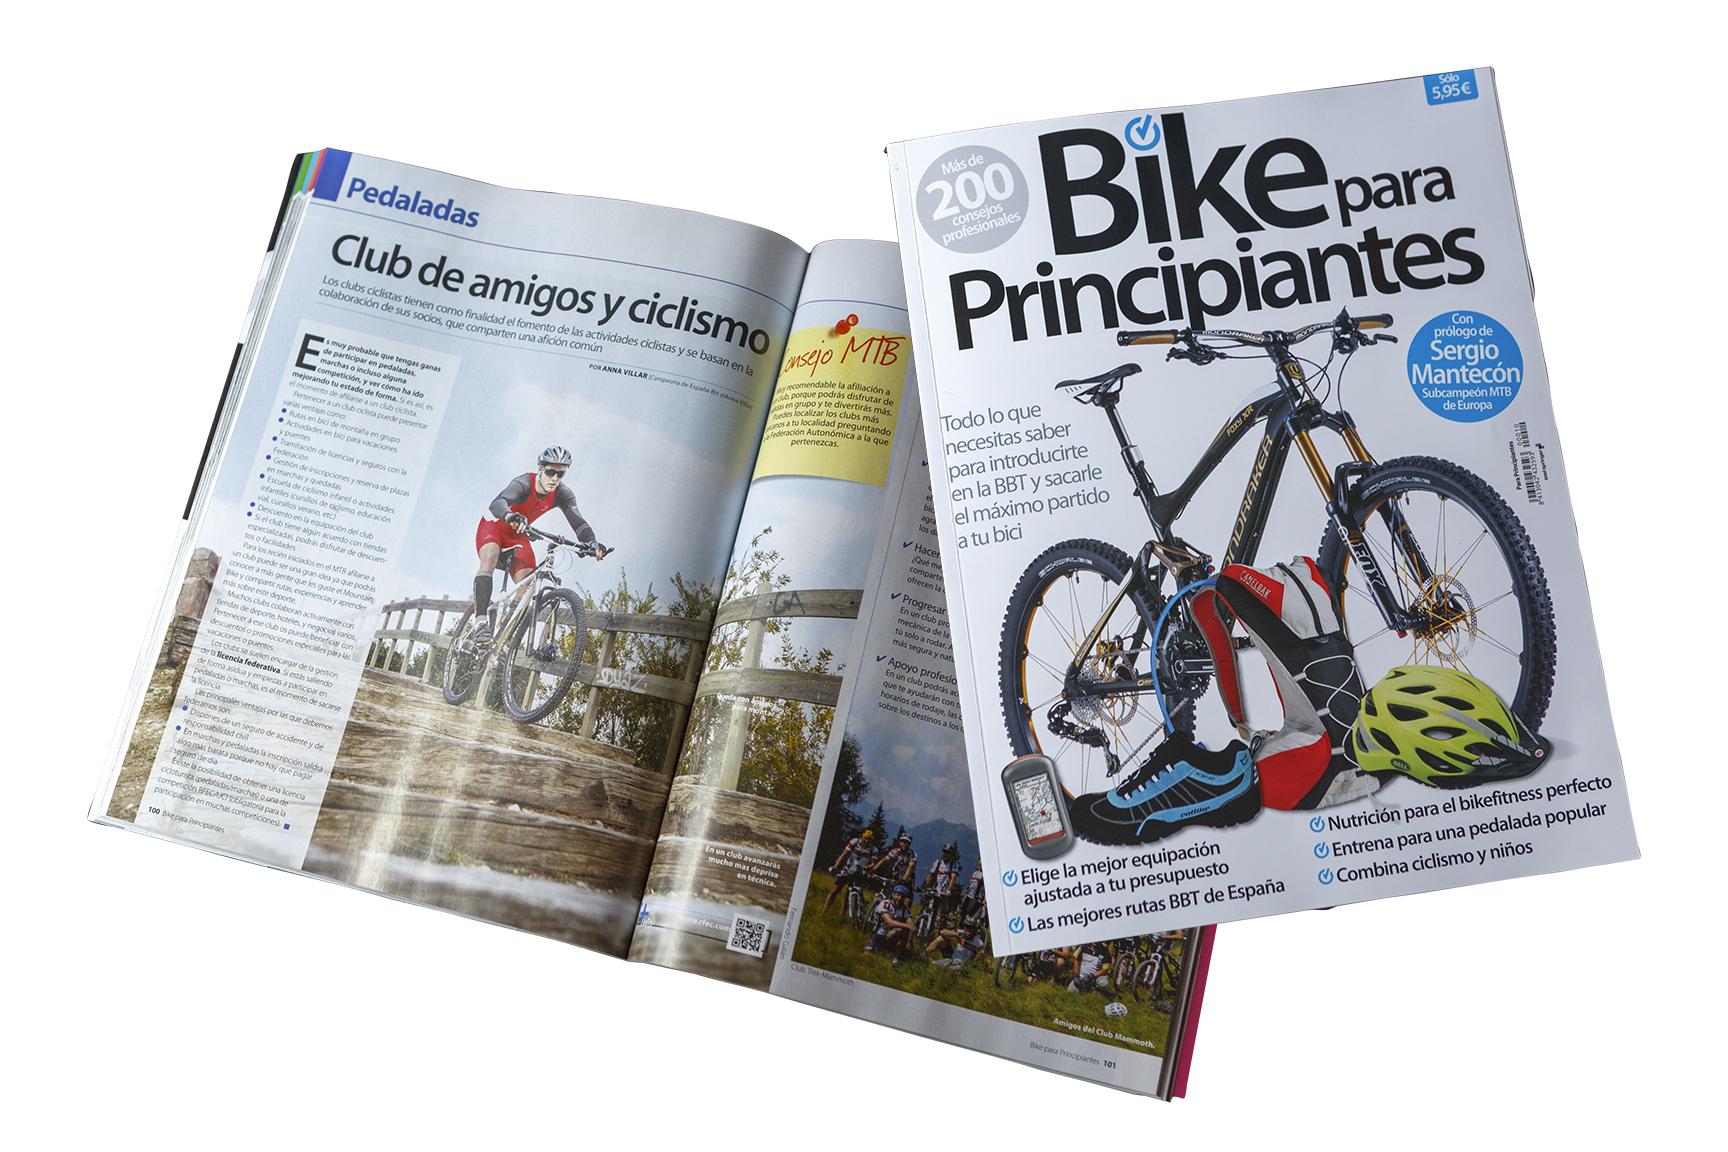 Bike para principiantes